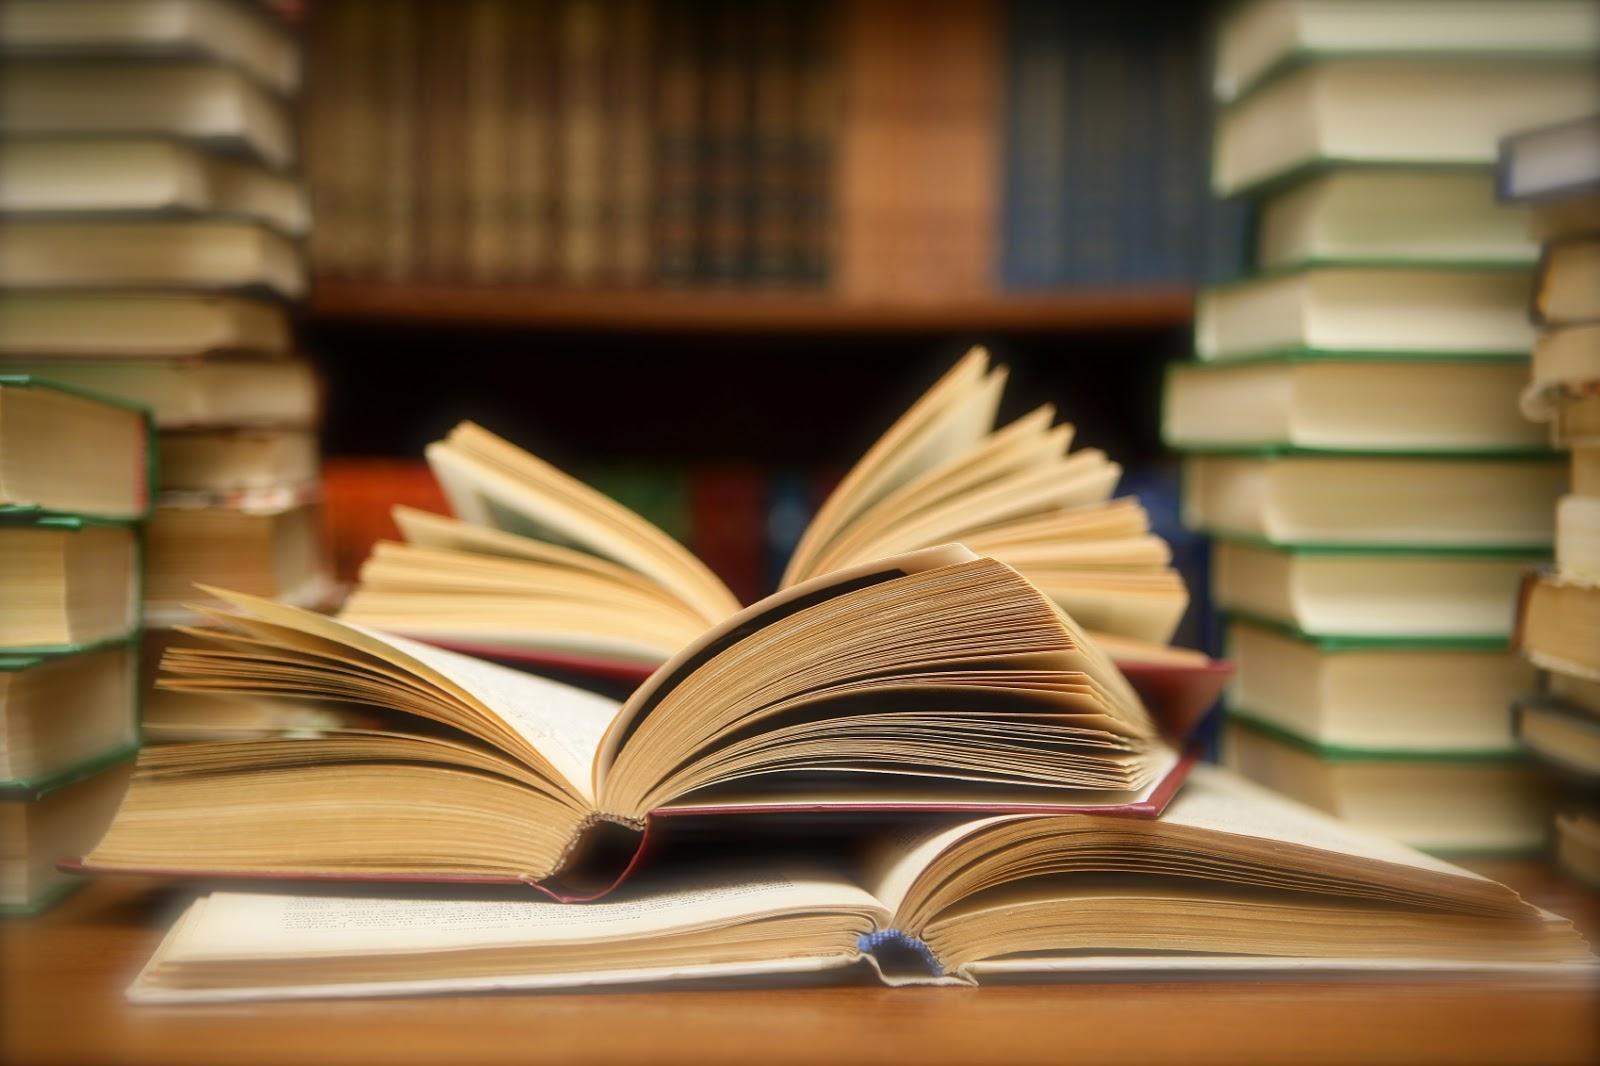 Suonare un libro